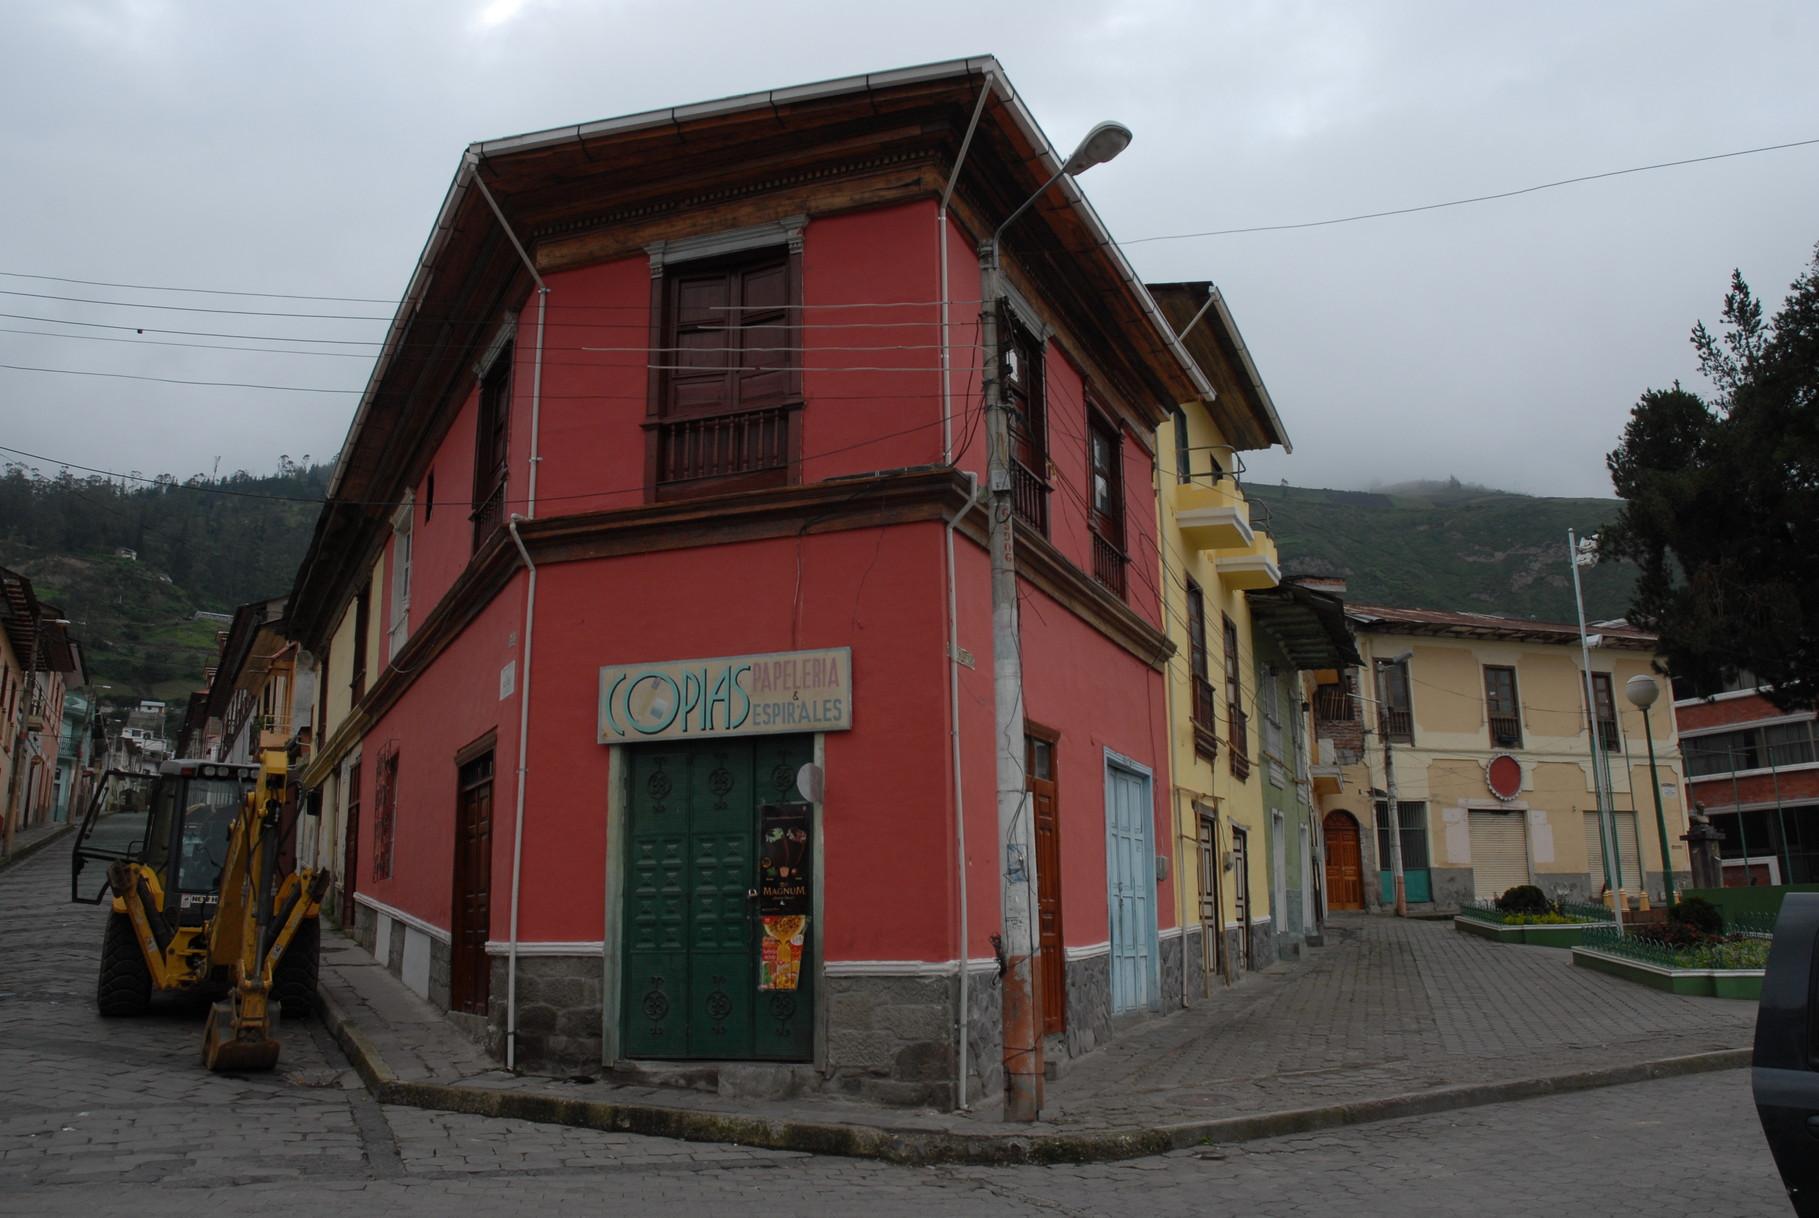 Häuserzeile in der Nähe des Bahnhofes